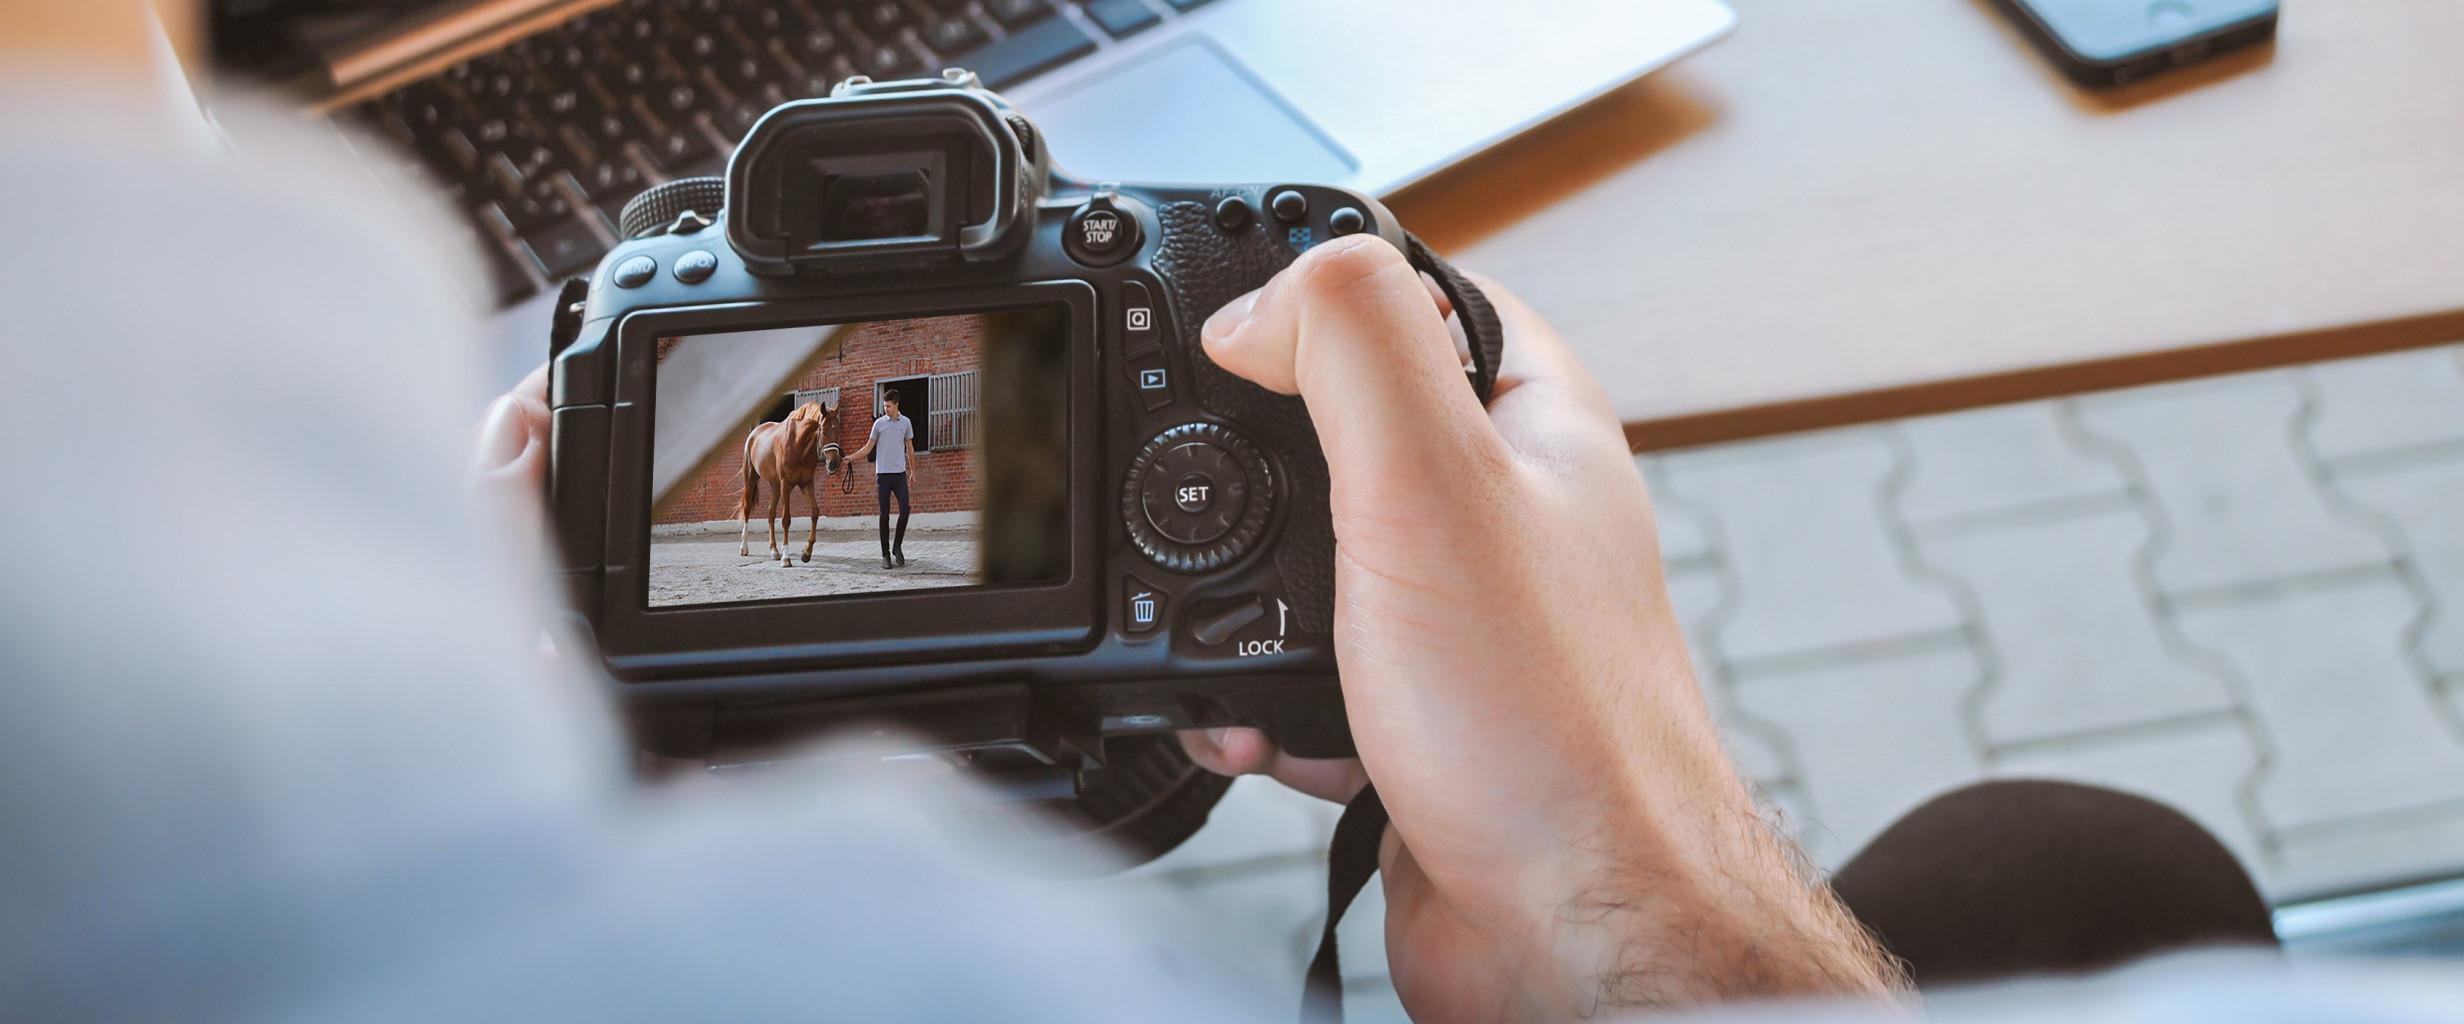 Person hält Kamera in der Hand und schaut sich ein Bild an